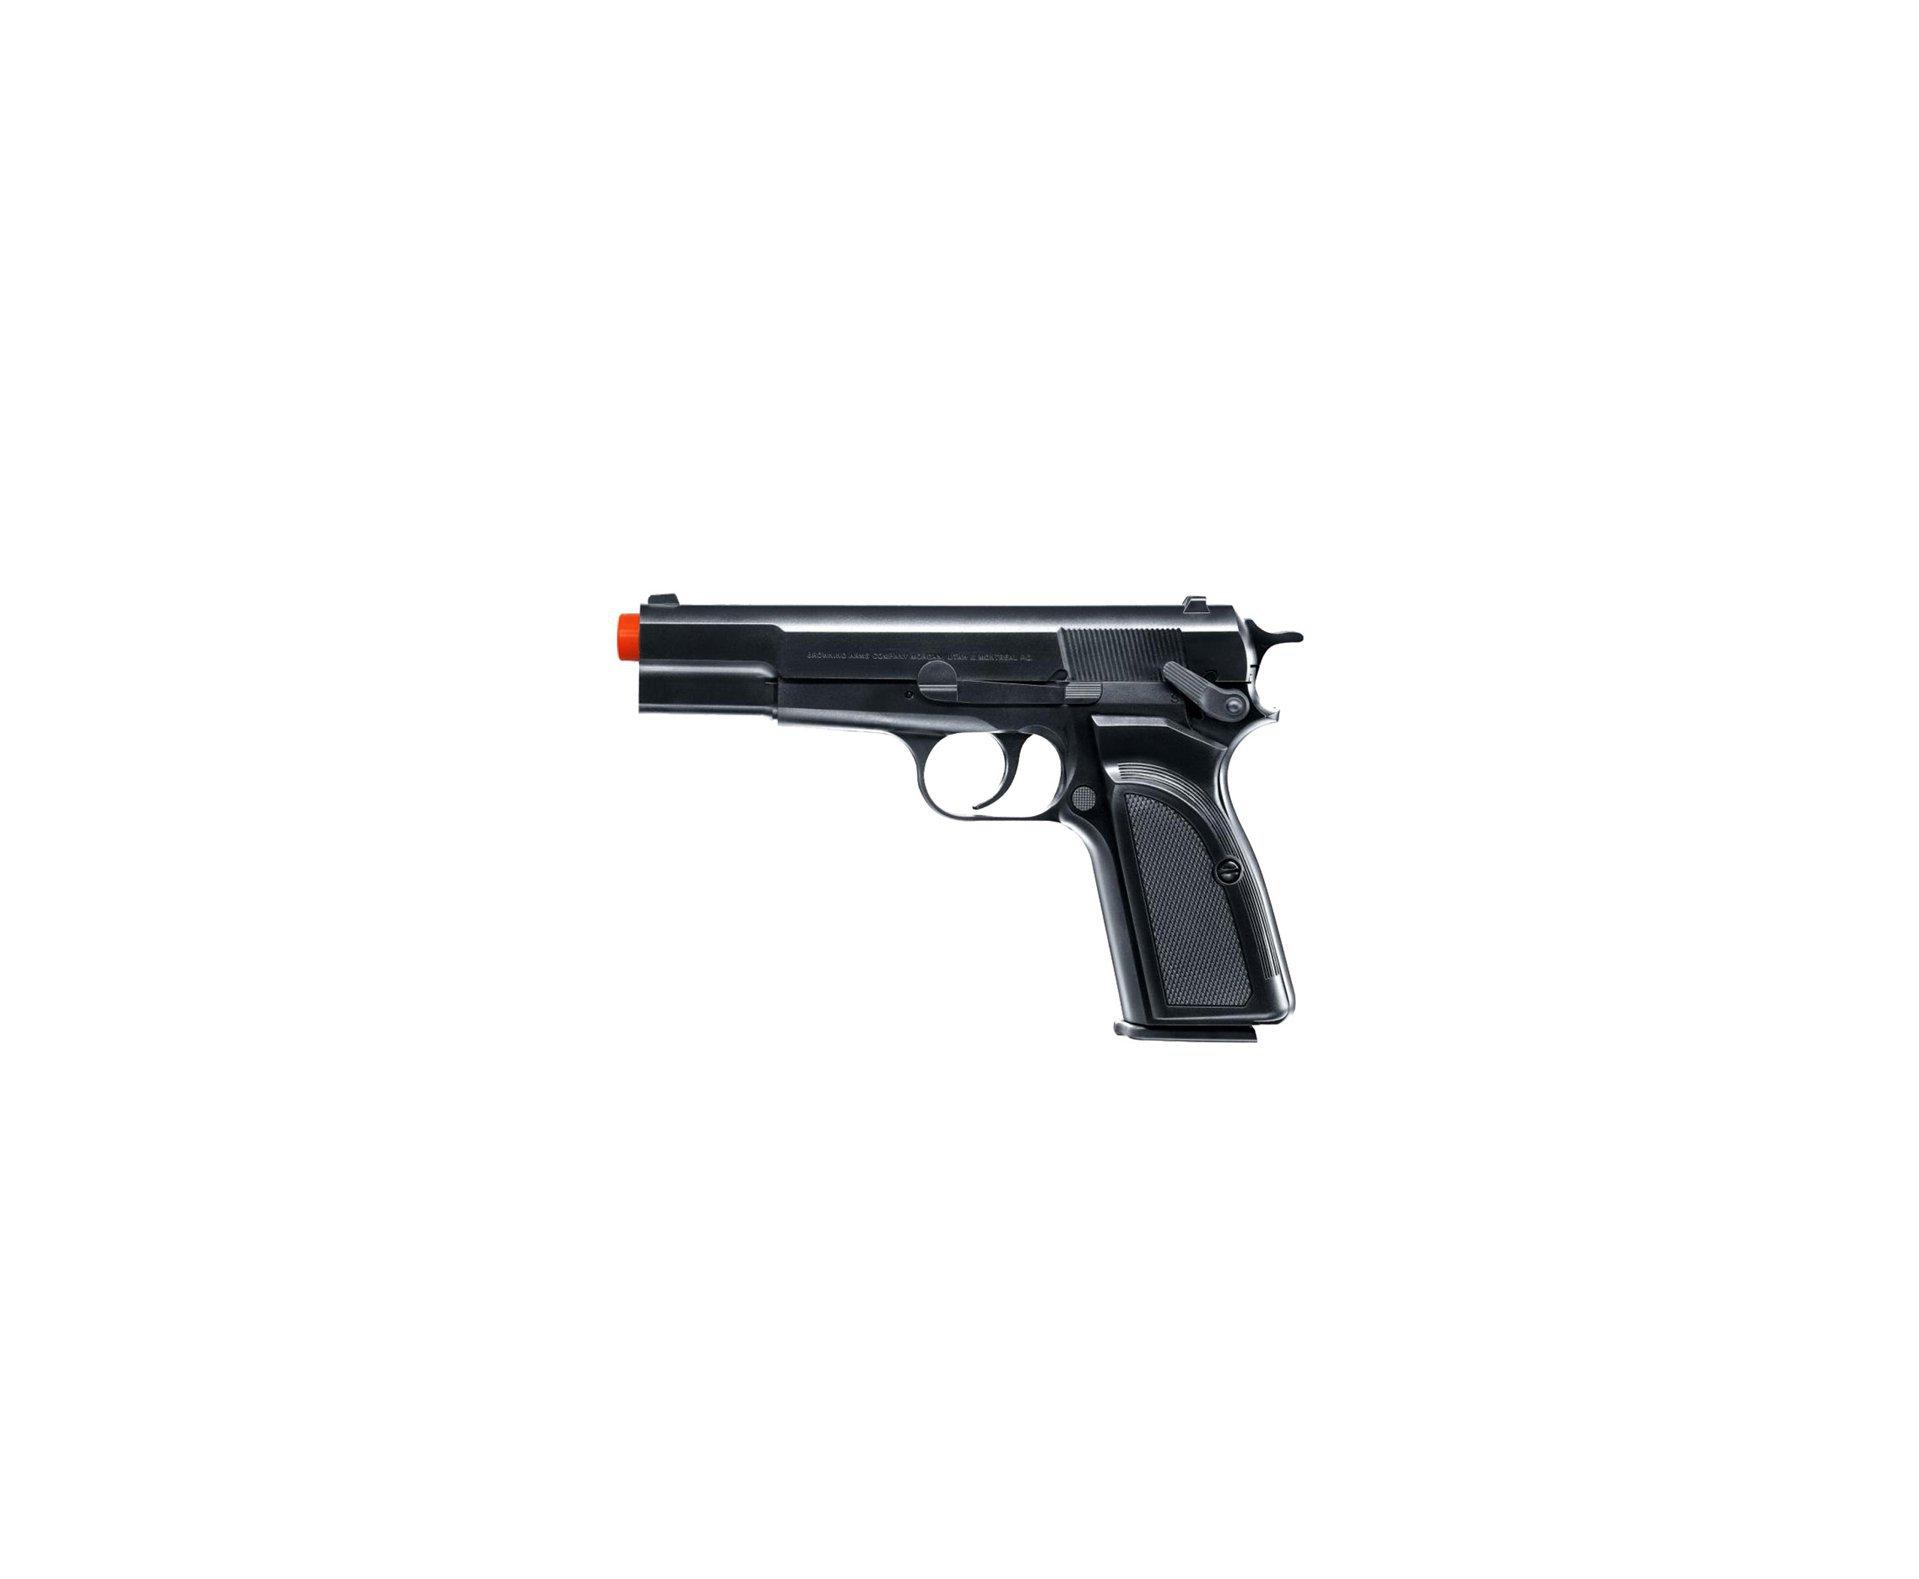 Pìstola De Airsoft Hi Power Mark Iii - Calibre 6,0 Mm - Abs